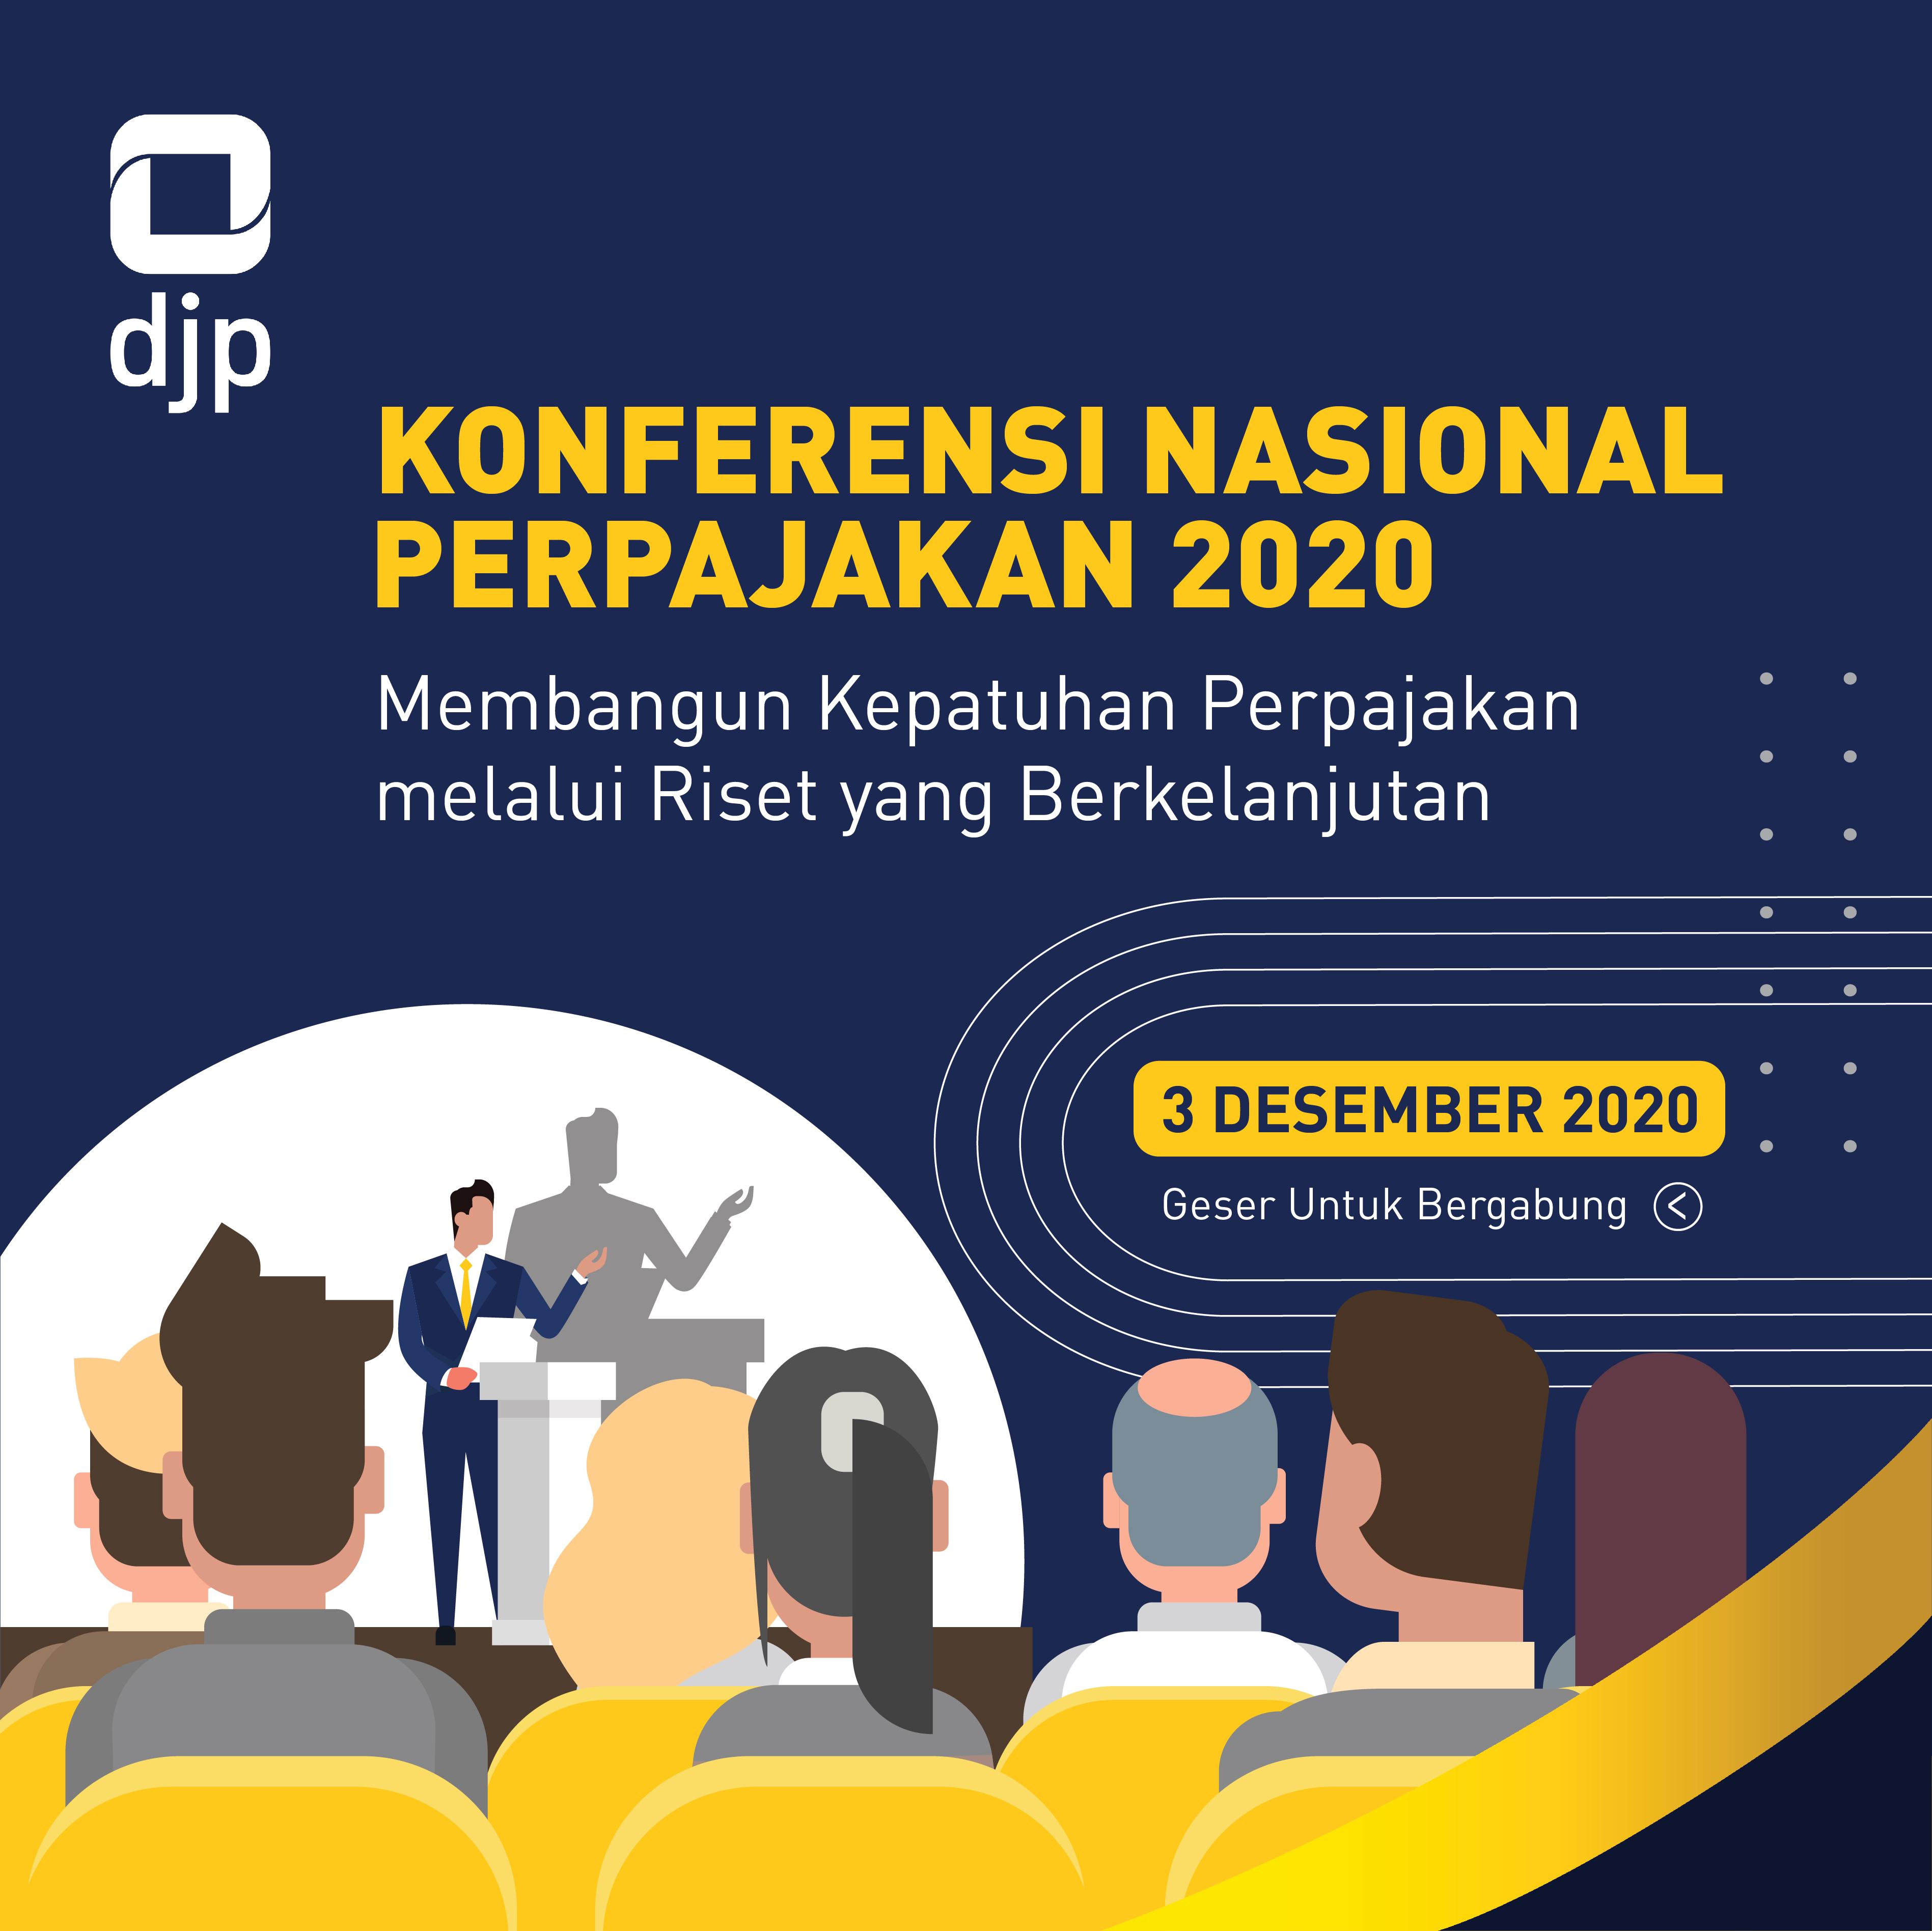 DJP Gelar Konferensi Nasional Perpajakan, Mau Ikut?